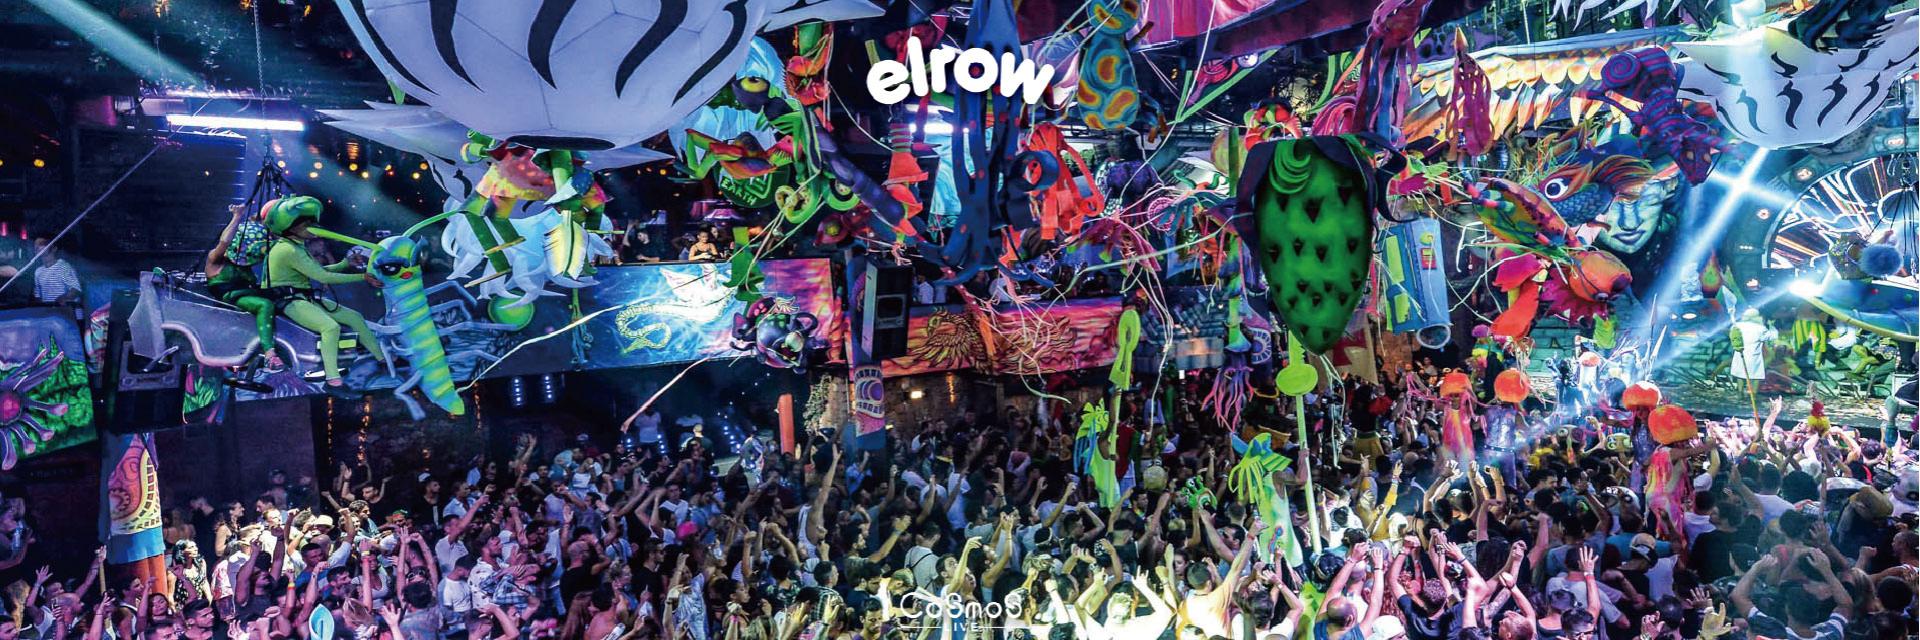 此生必去西班牙 elrow 百年派對 全新主題再度登台